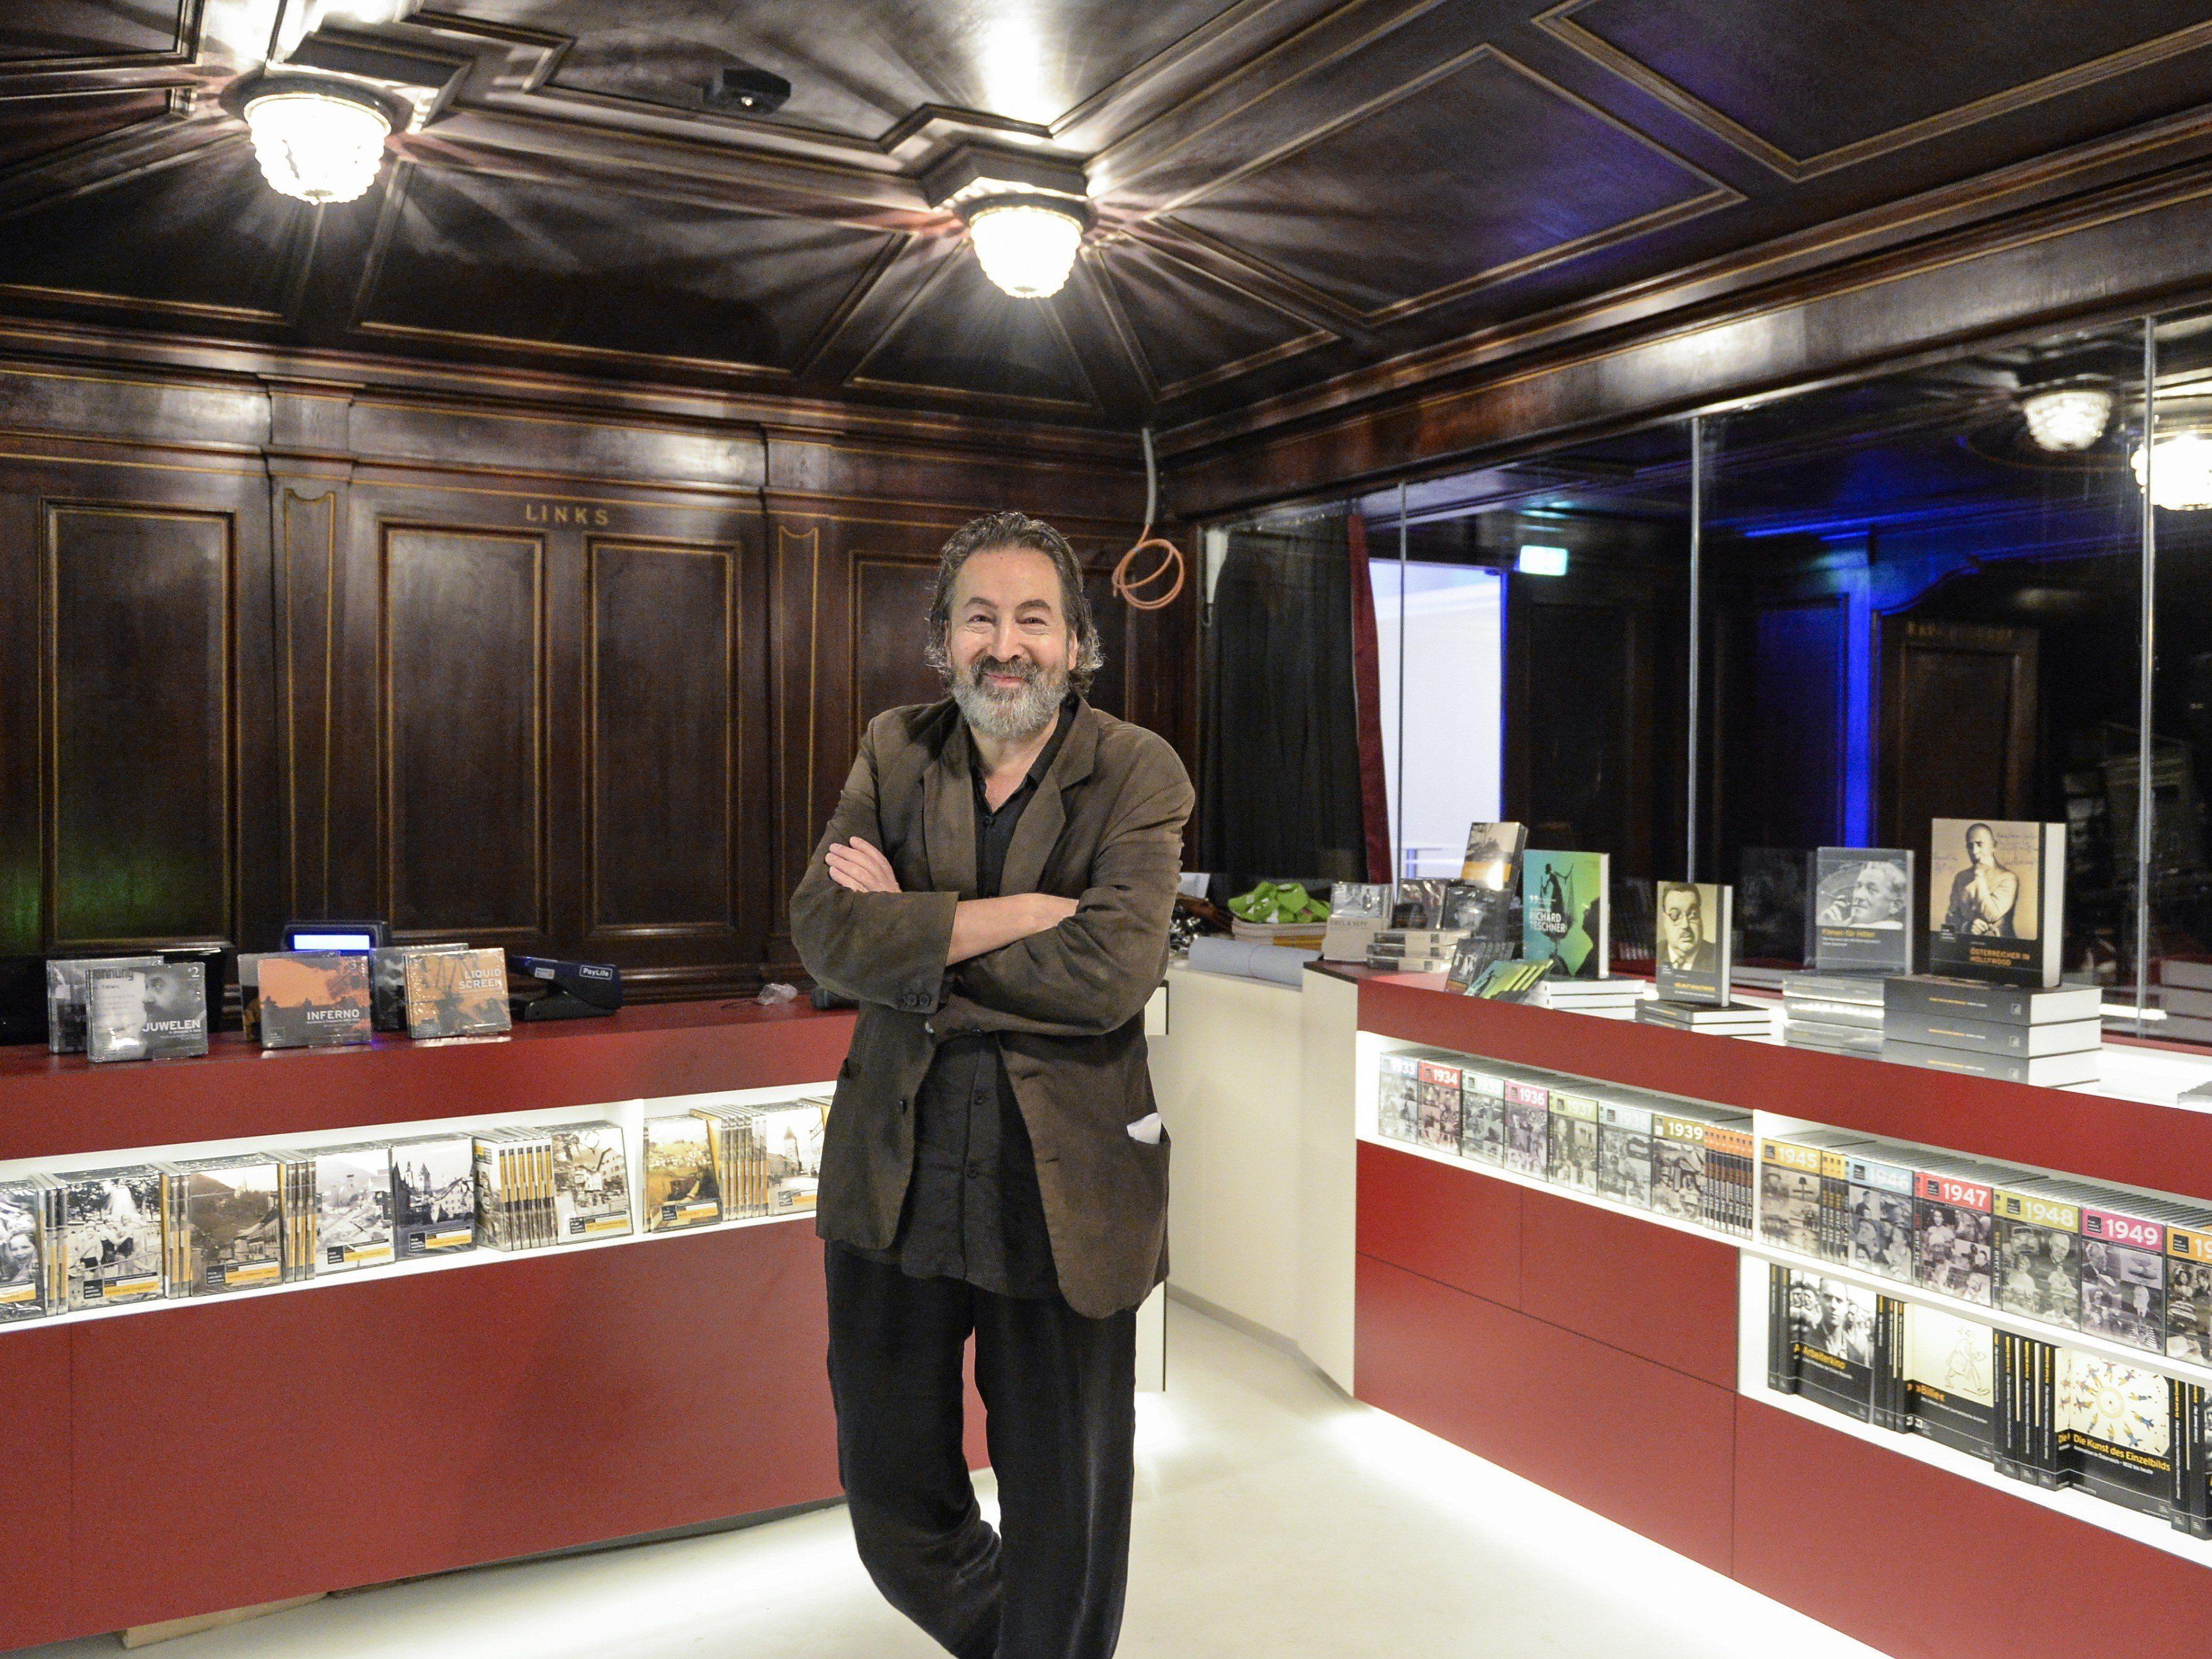 Viennale-DIrektor Hans Hurch hofft auf ein positives Feedback zum Festival